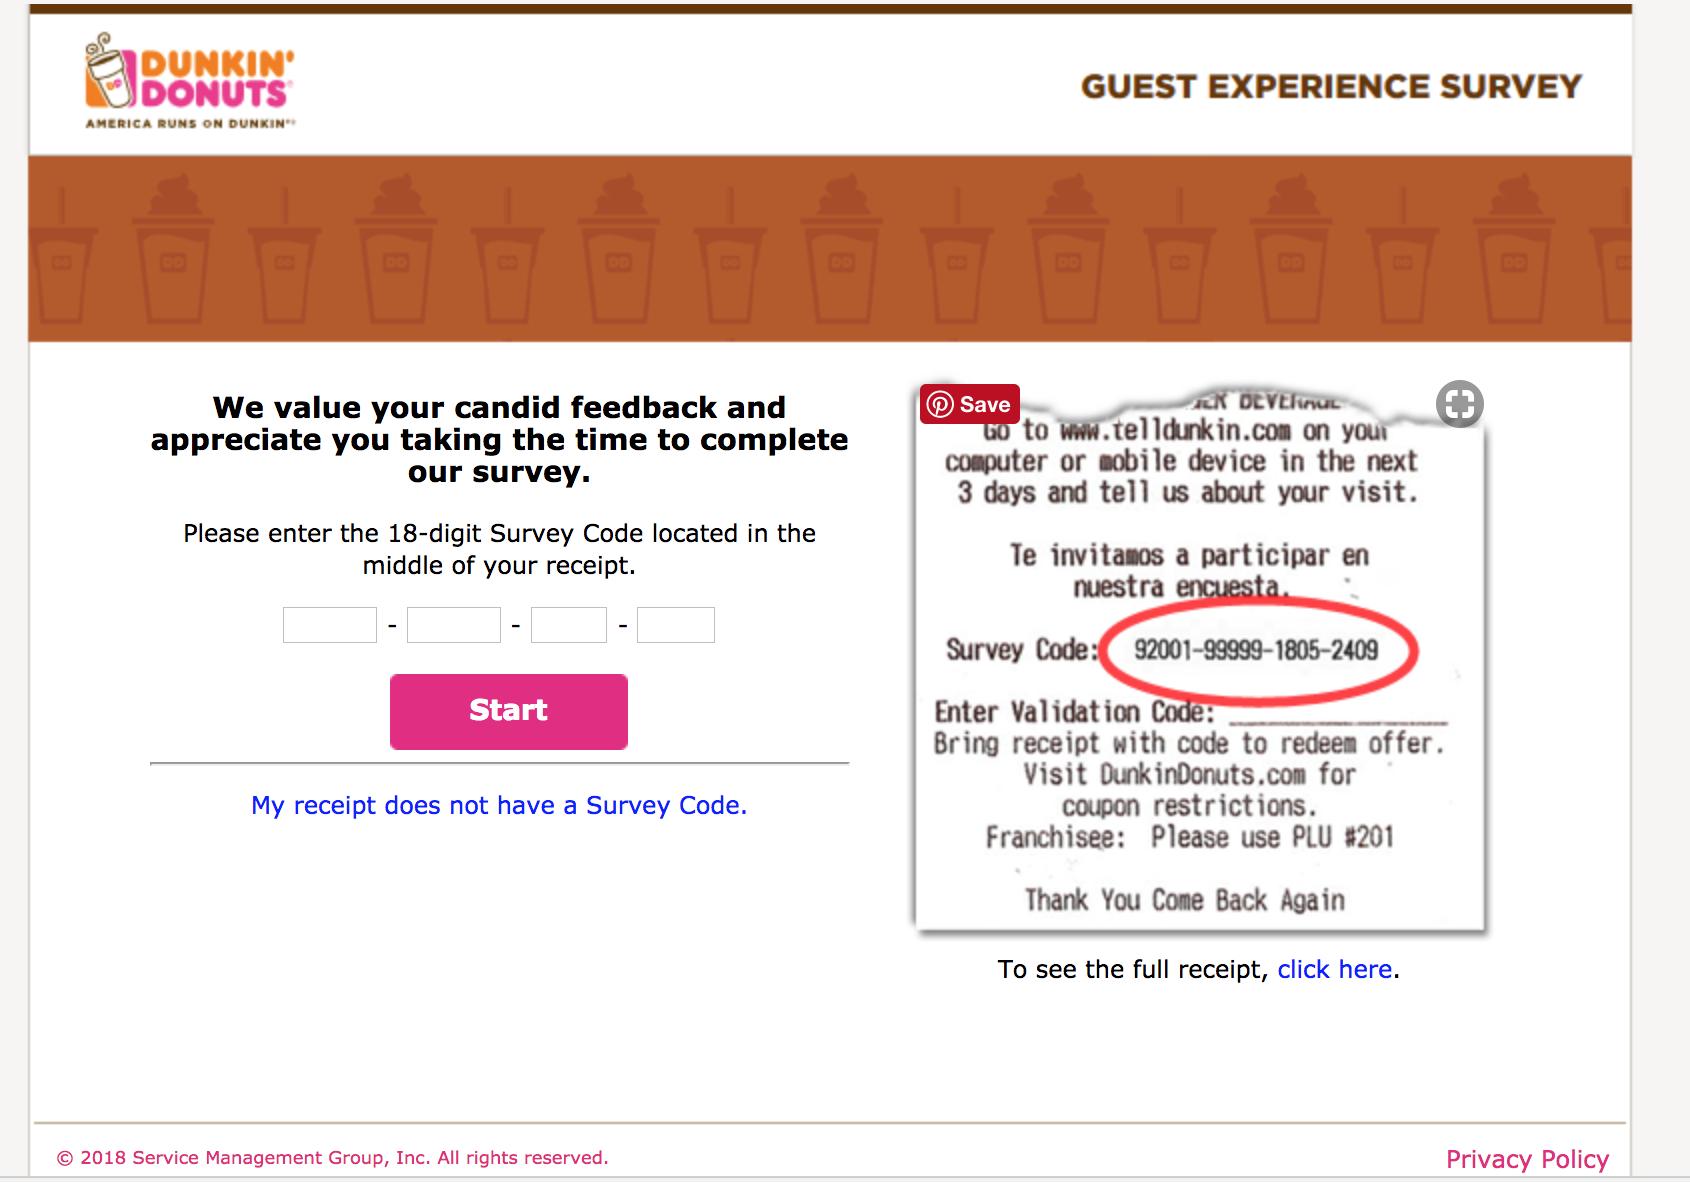 take telldunkin survey without a receipt code